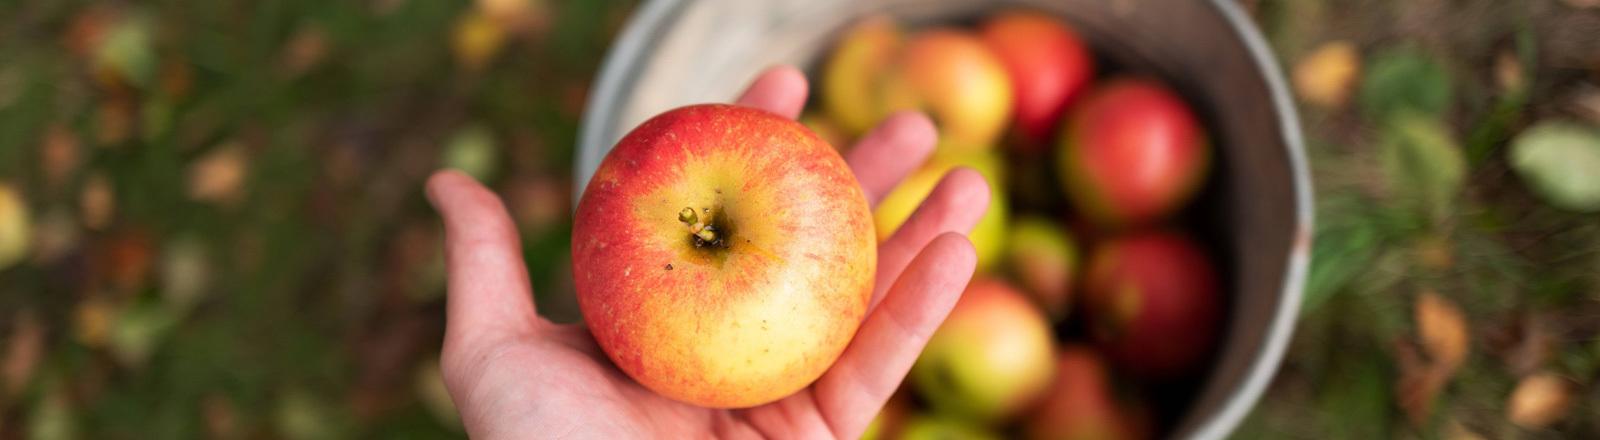 Ein Apfel wird in einer Hand gehalten. Im Hintergrund auf dem Boden steht ein Korb mit vielen Äpfeln. Es ist Herbst.